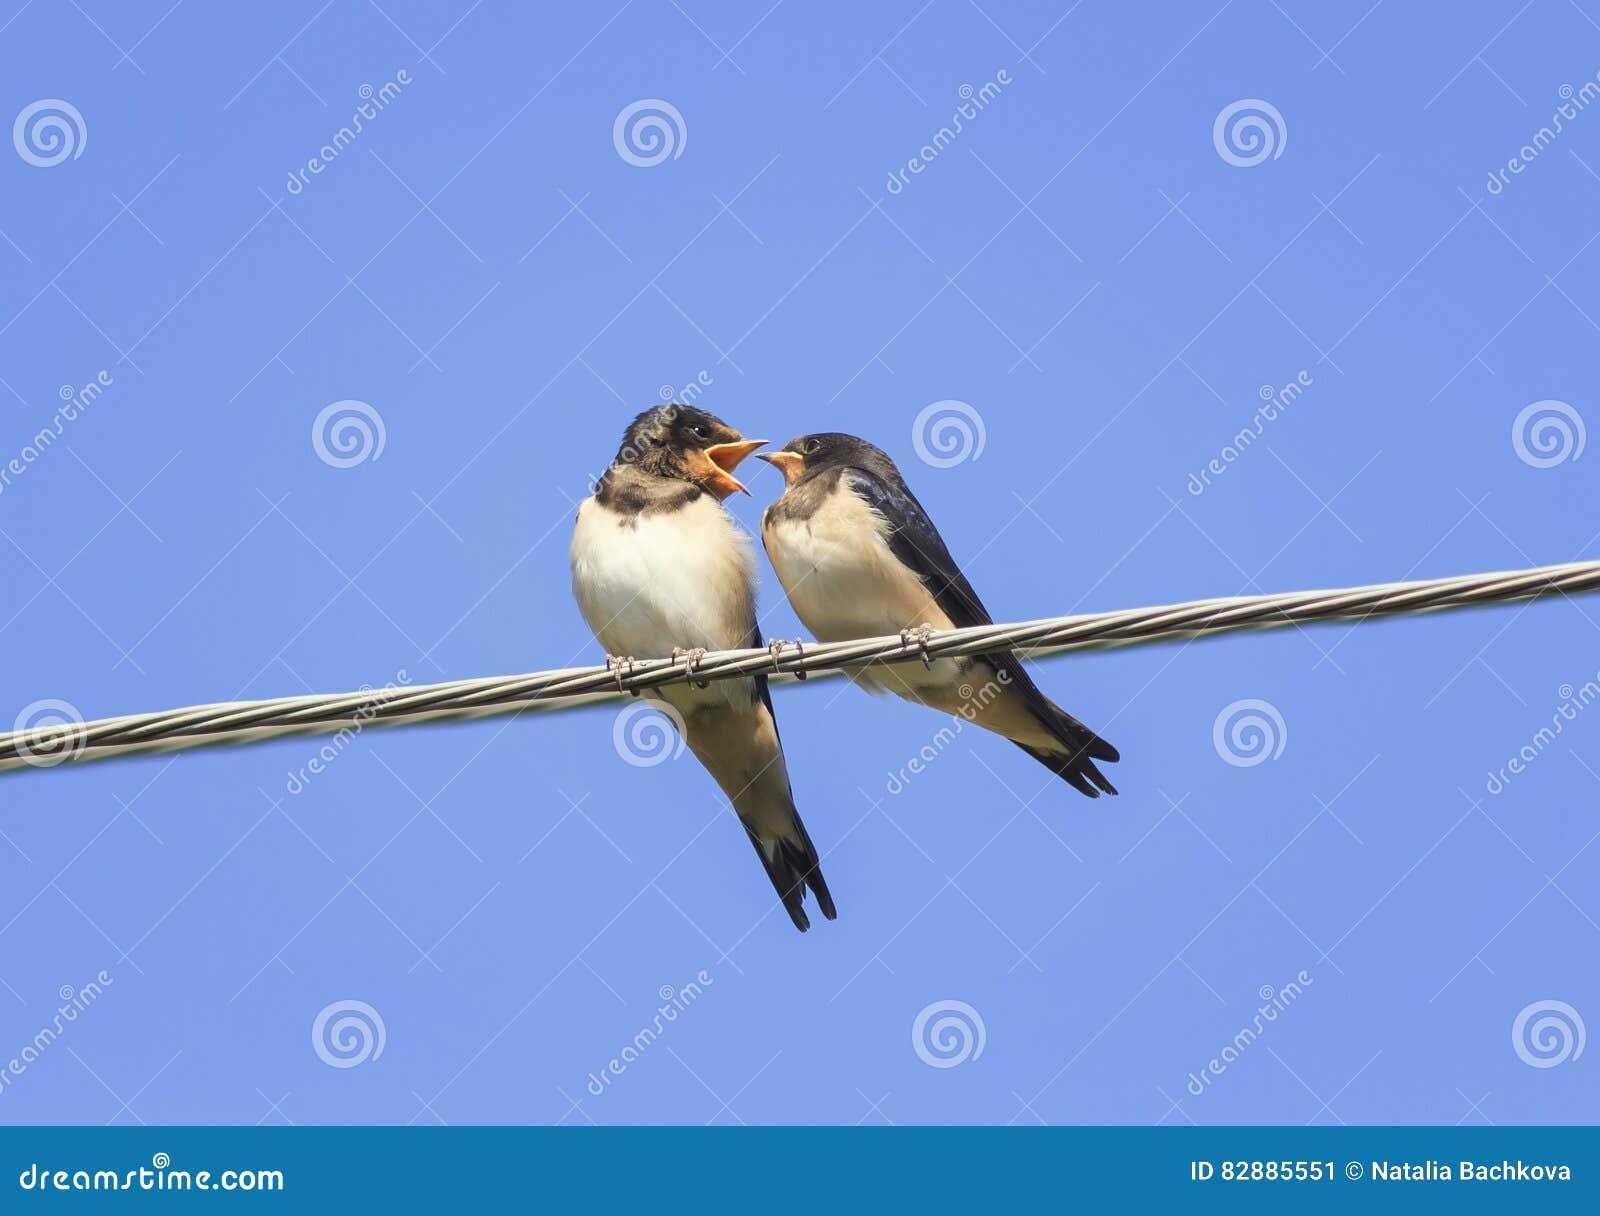 маленькие черные ласточки птиц сидя на проводах раскрывают клювы